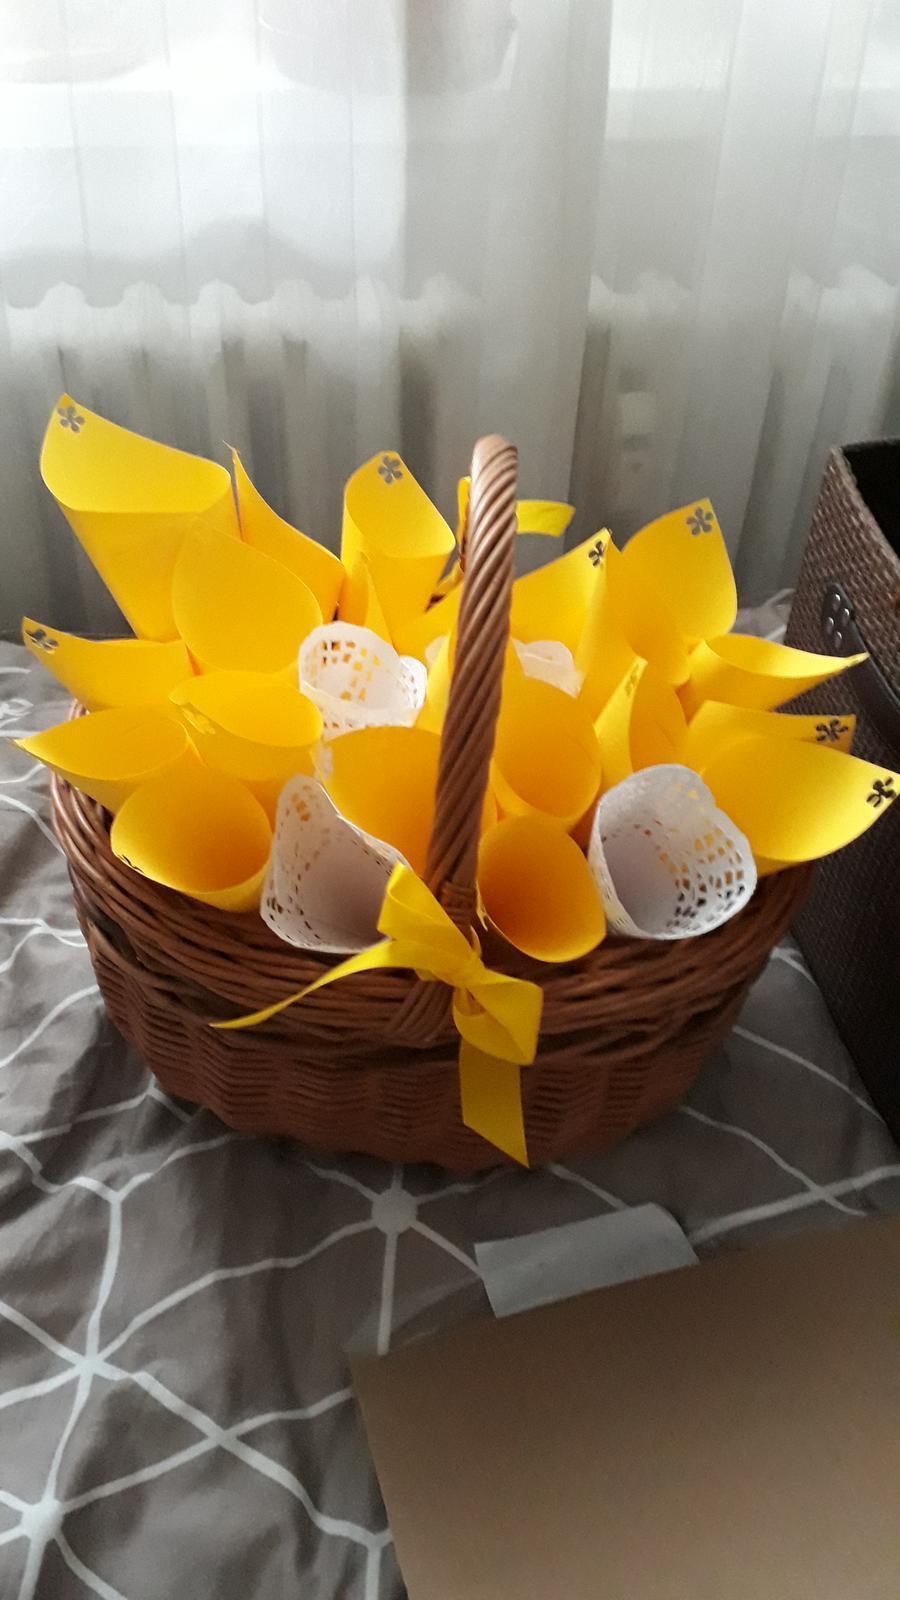 Kornoutky na rýži nebo okvětní plátky, žluté, 20ks - Obrázek č. 2